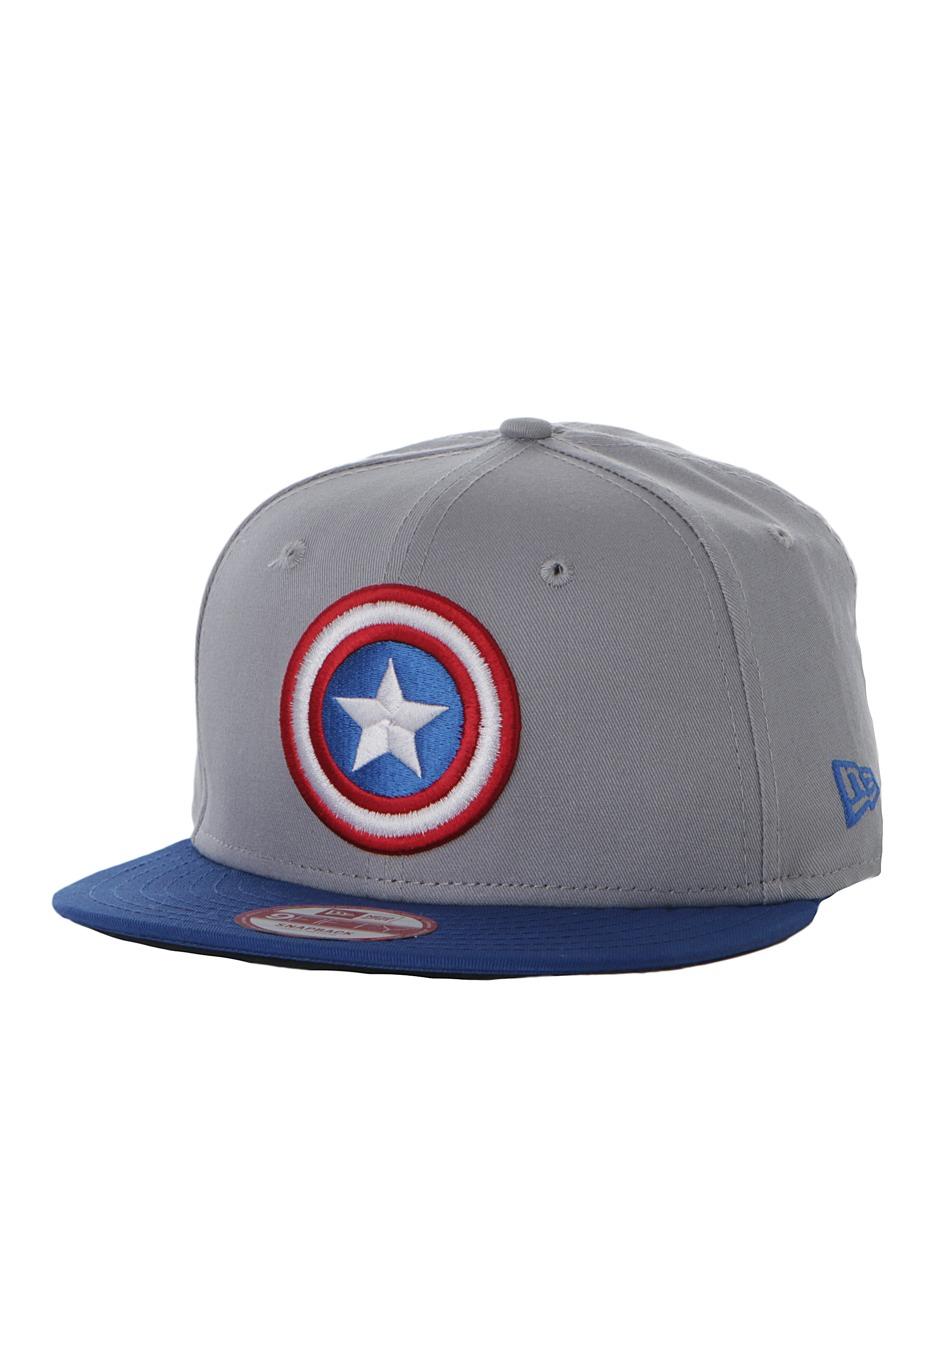 New Era - Team Hero Captain America Grey Blue Snapback - Cap -  Impericon.com UK 23caa865cbc